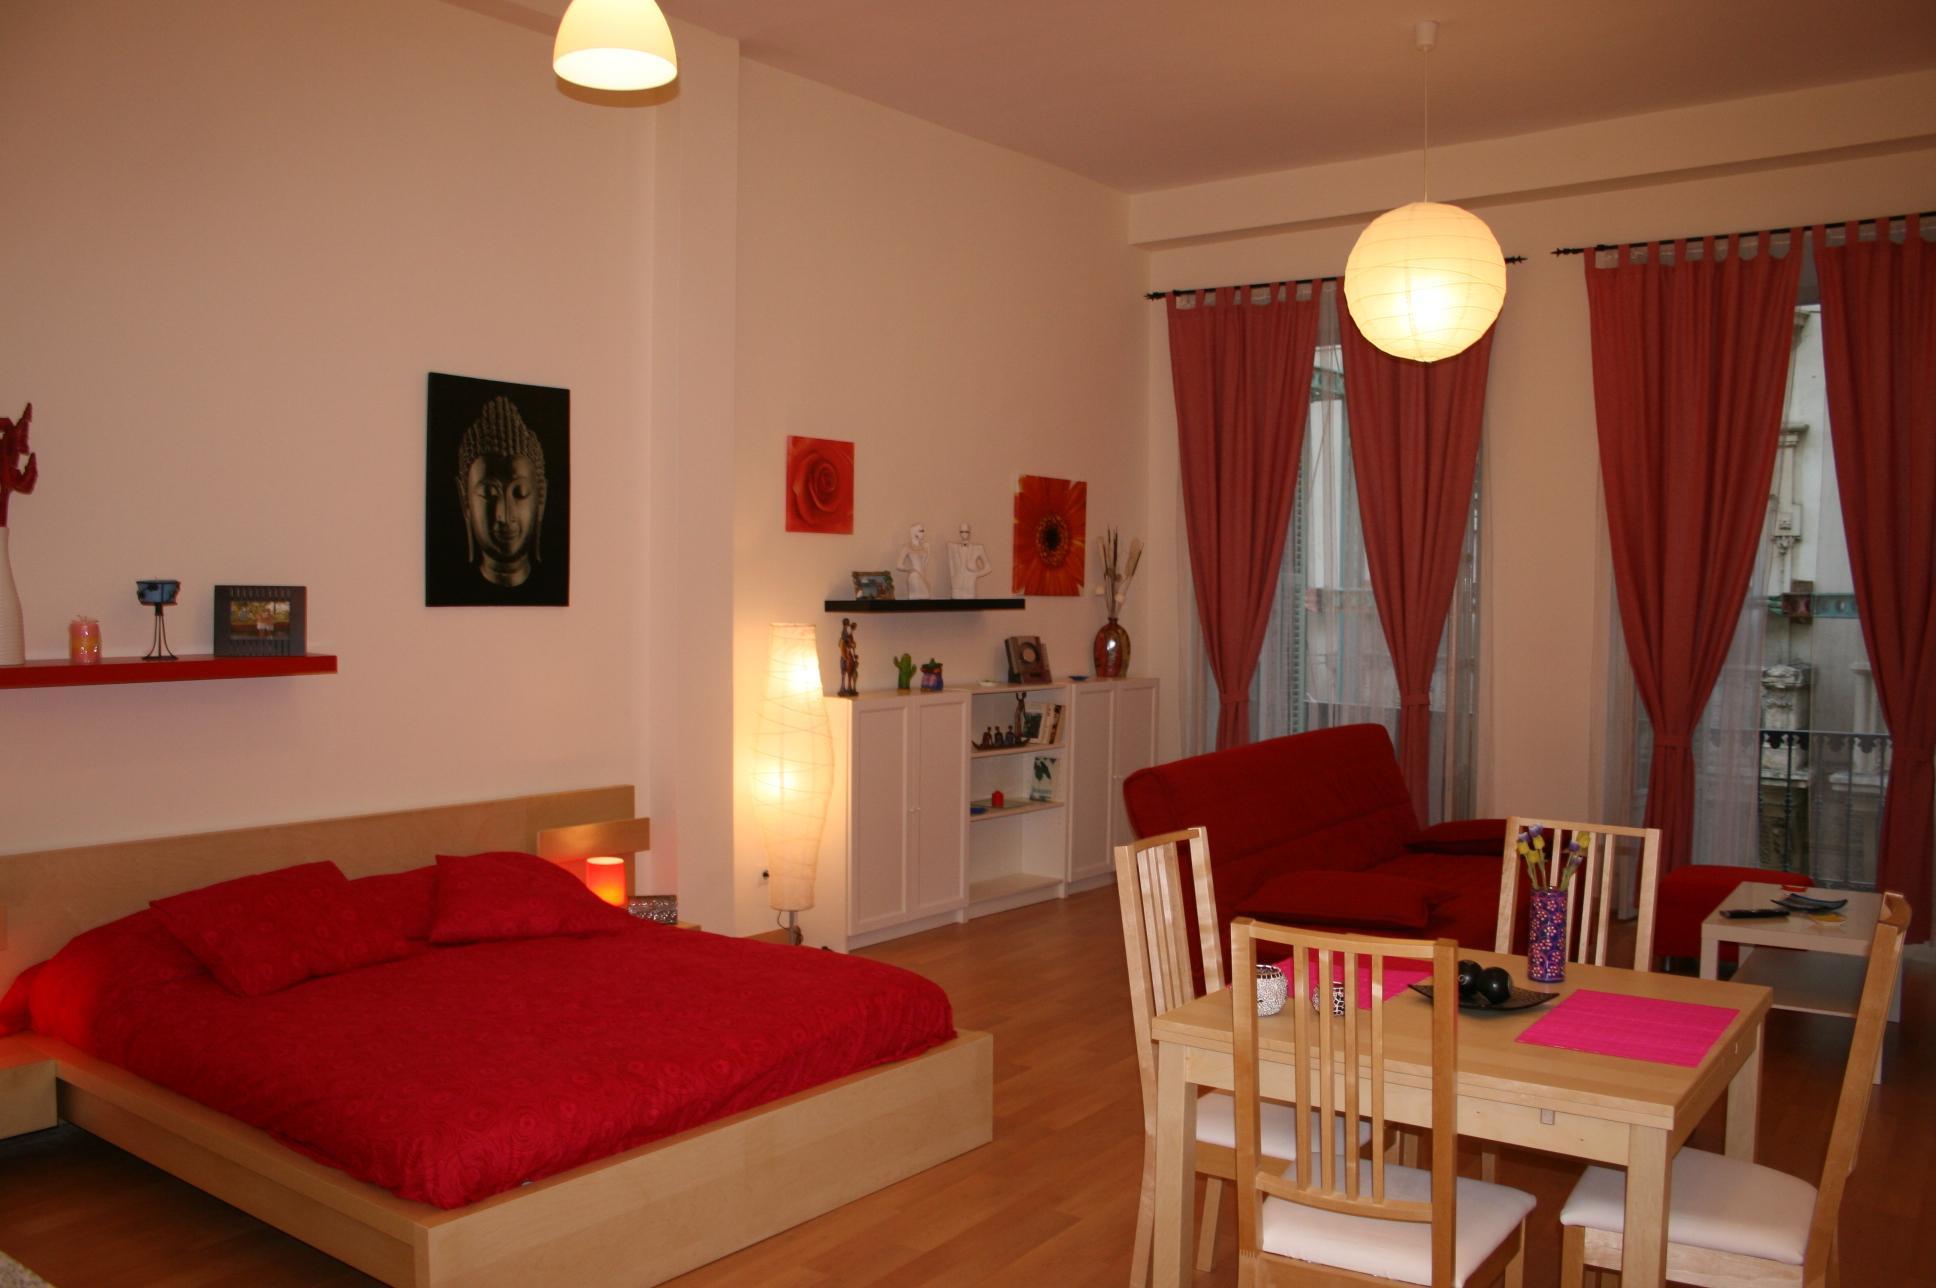 Location appartement Reims, le site à voir absolument est là